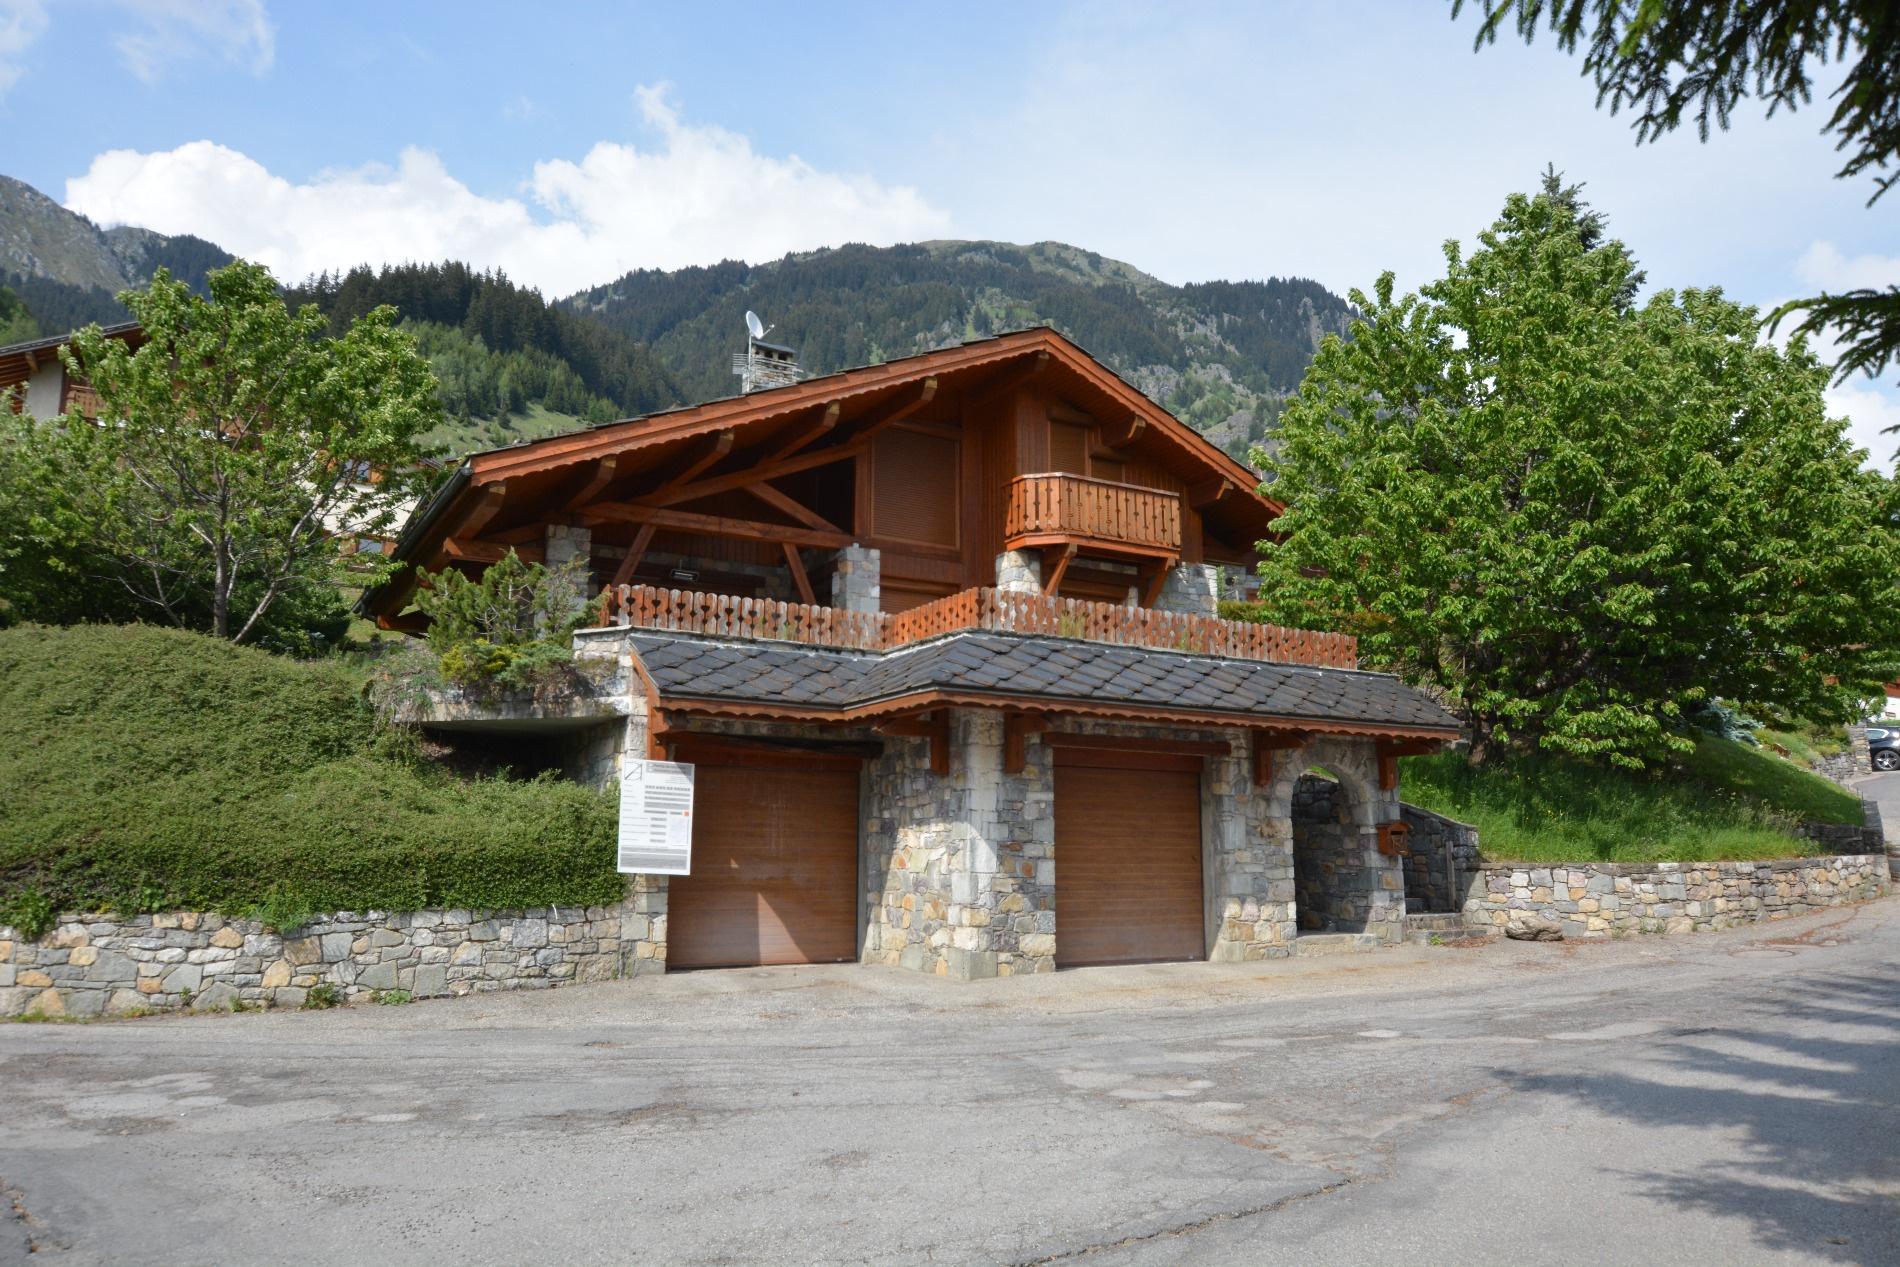 Offres de vente Maisons / Chalets Champagny-en-Vanoise 73350